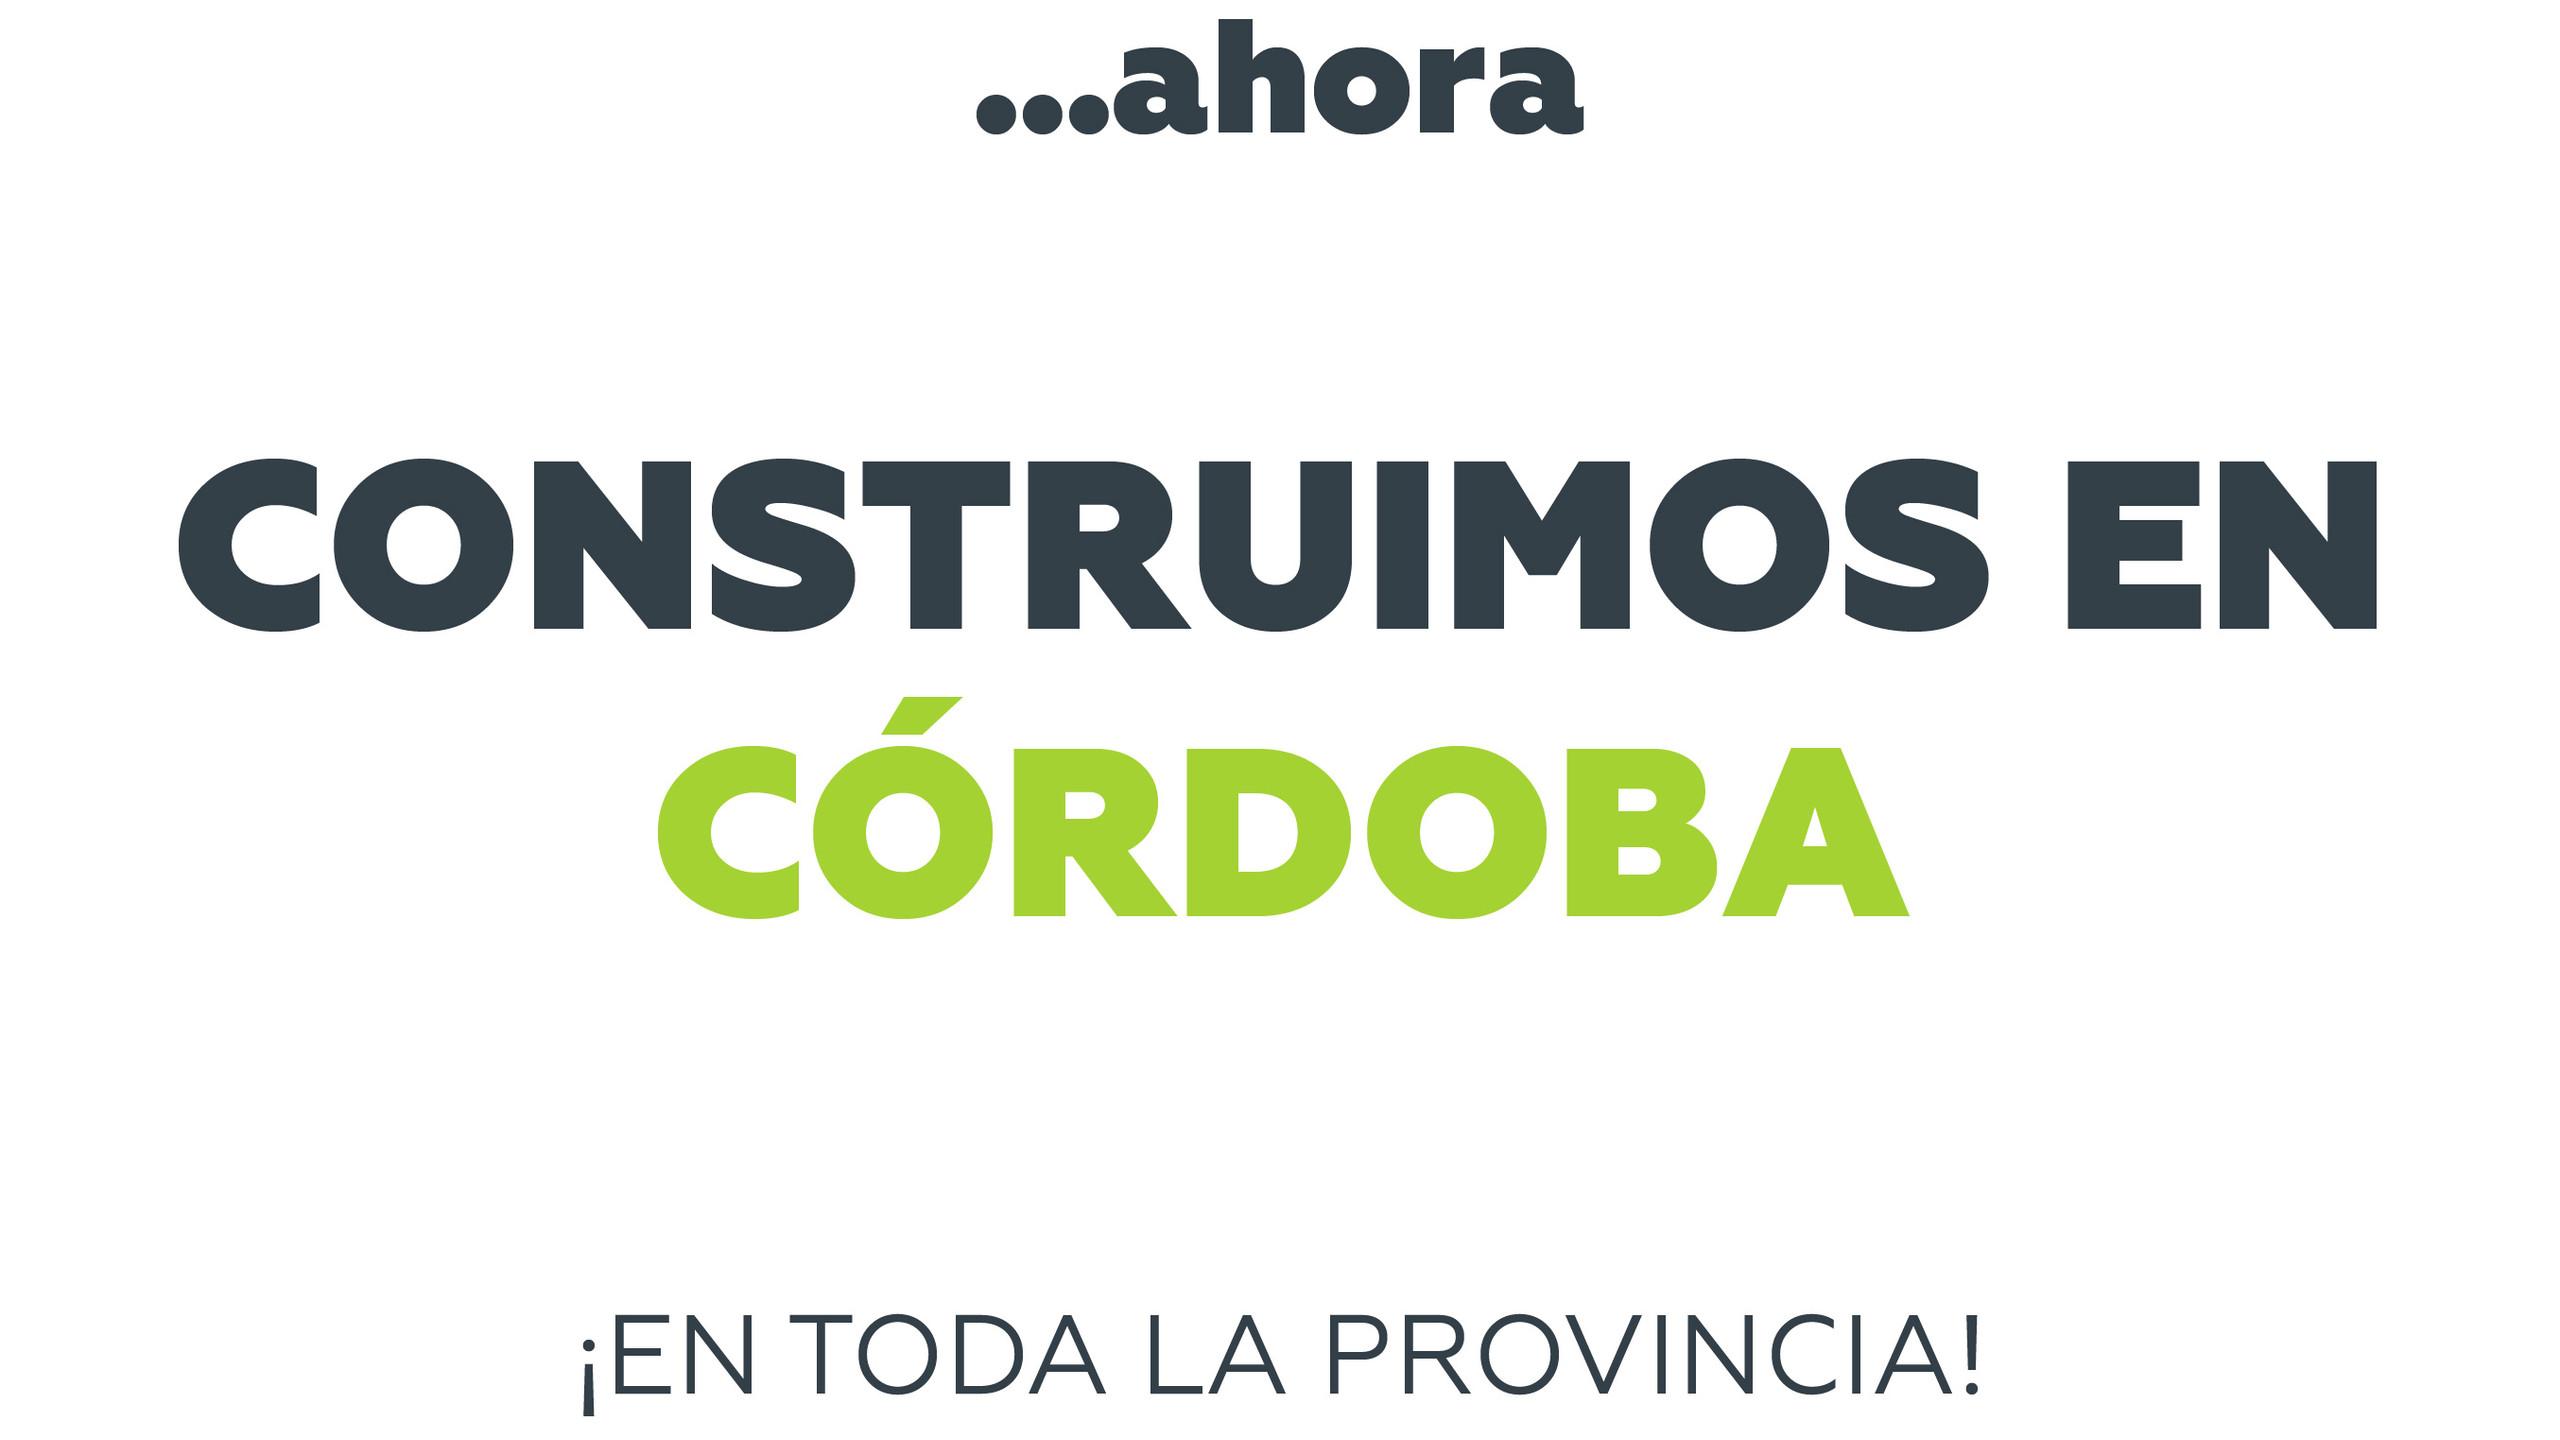 POSTEO CONSTRUCCION CORDOBA_01 copy